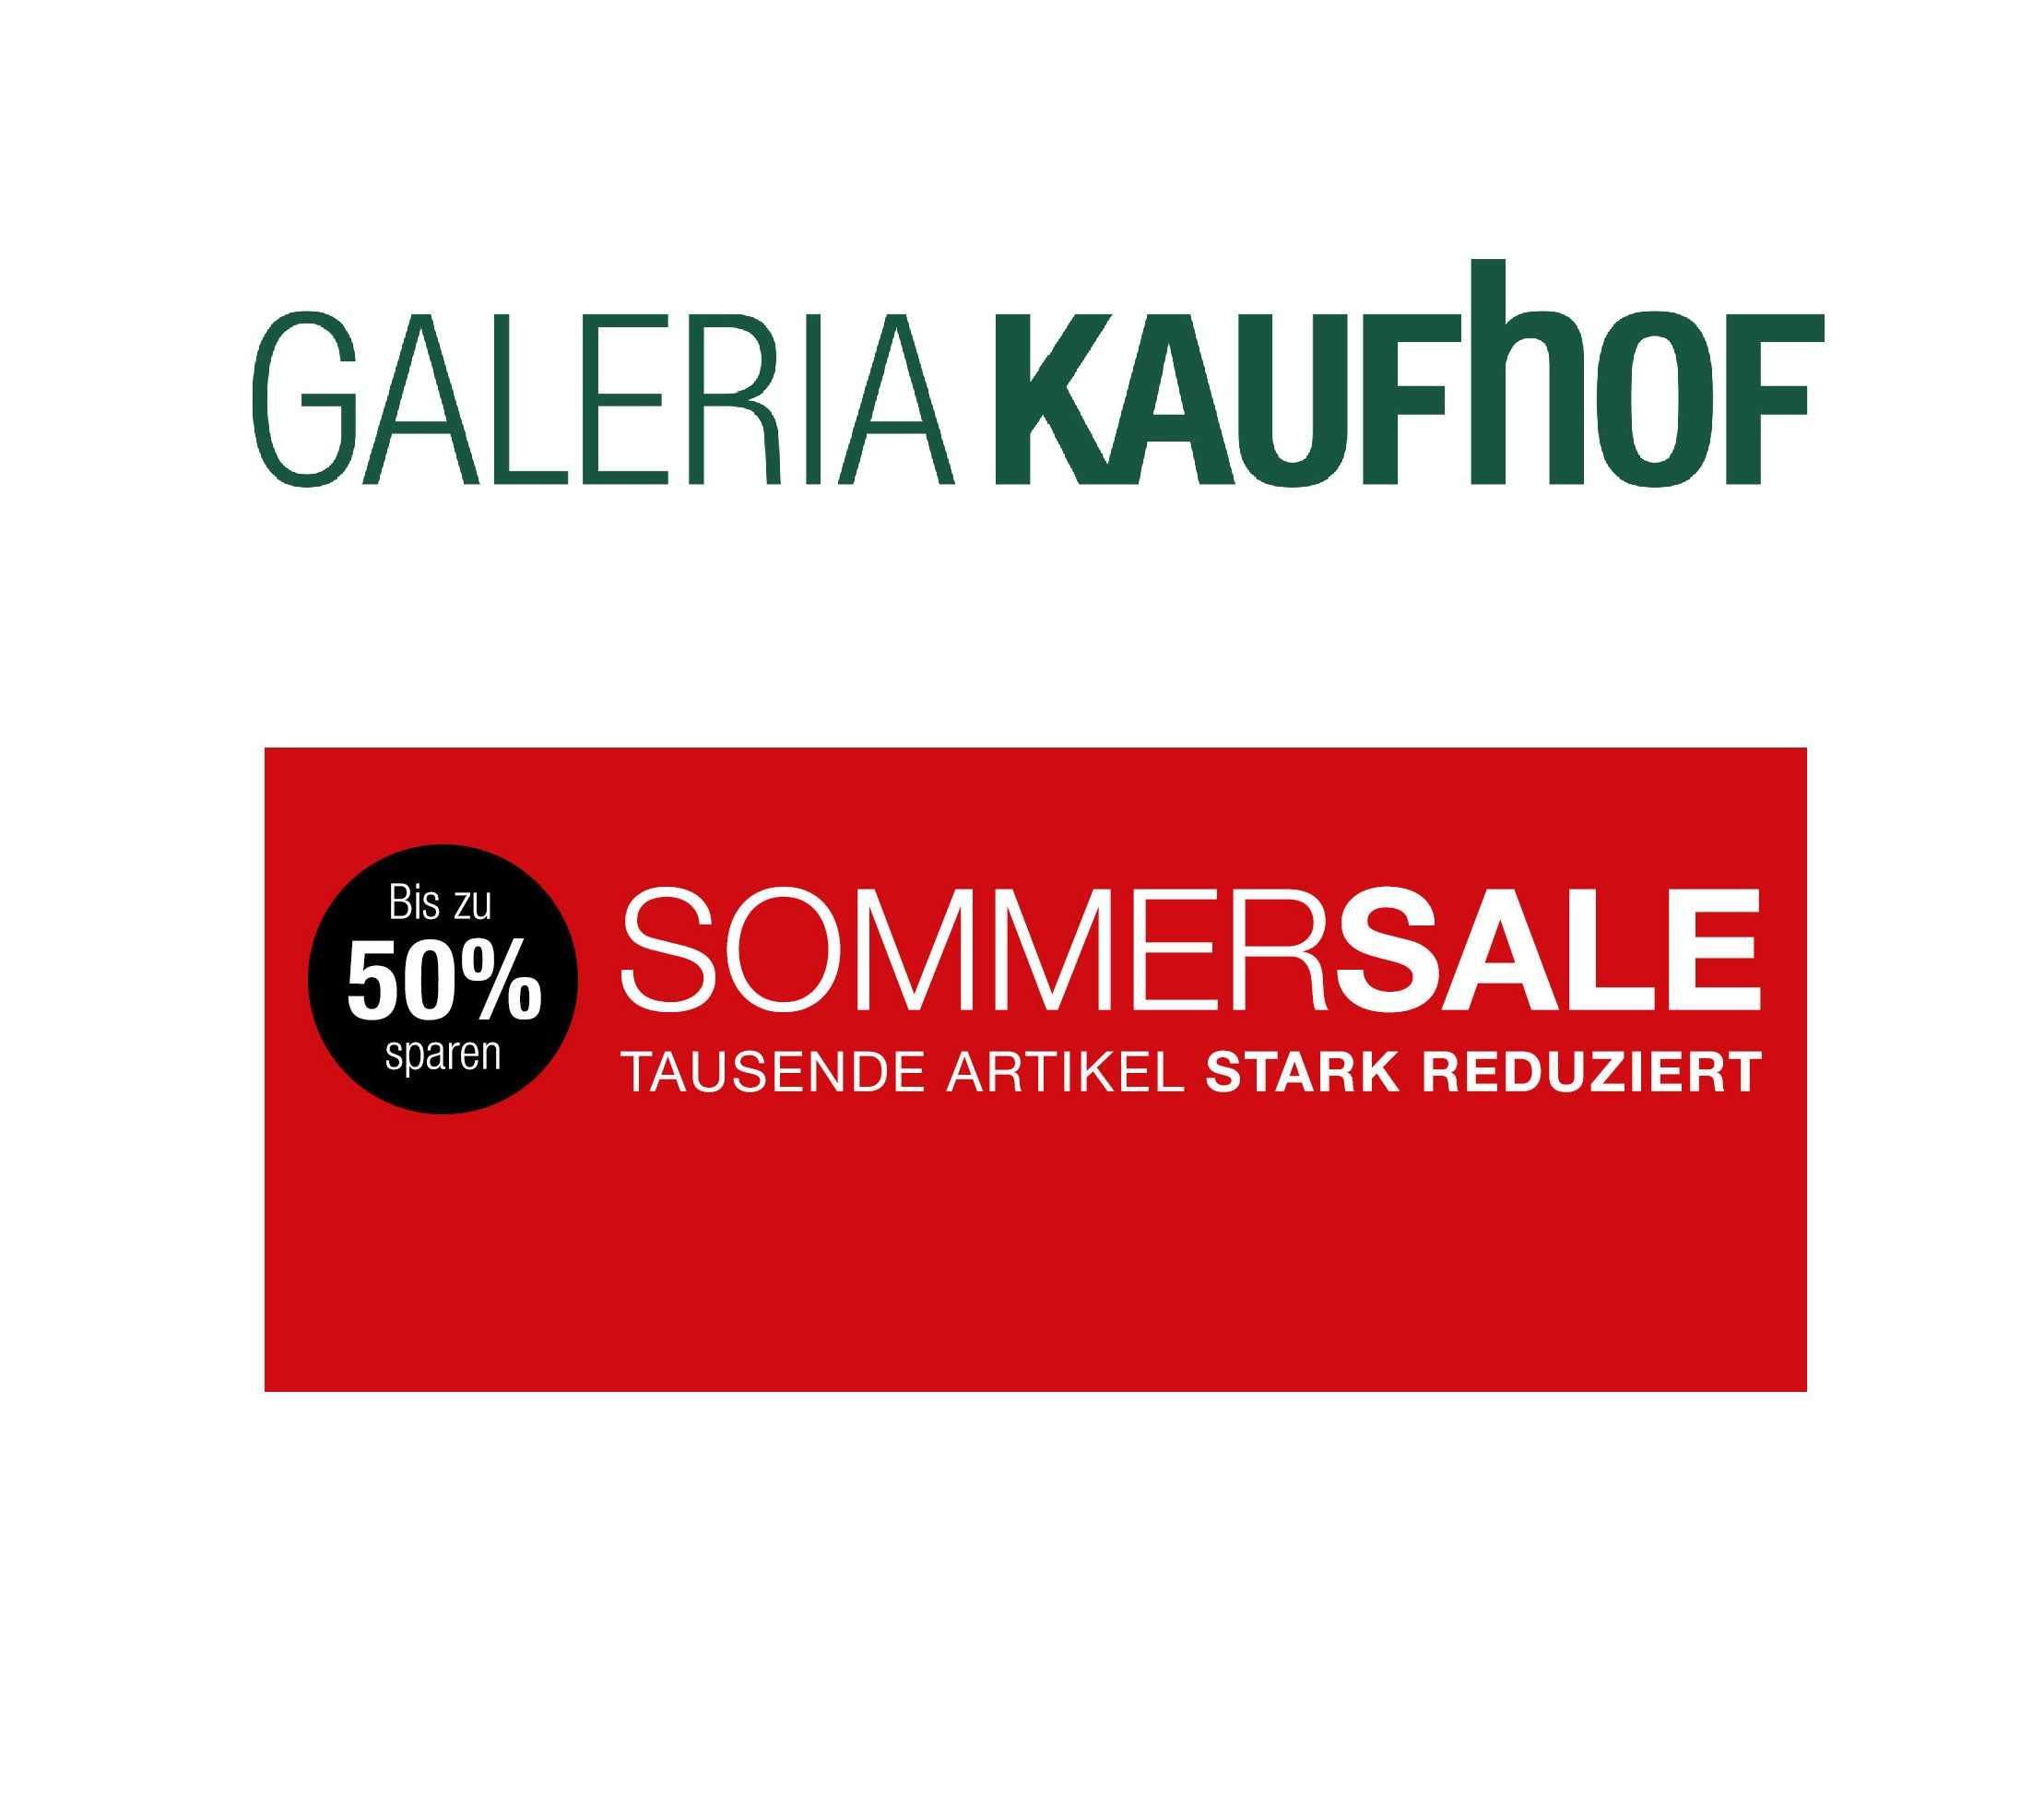 galeria kaufhof sommersale bis zu 50 sparen